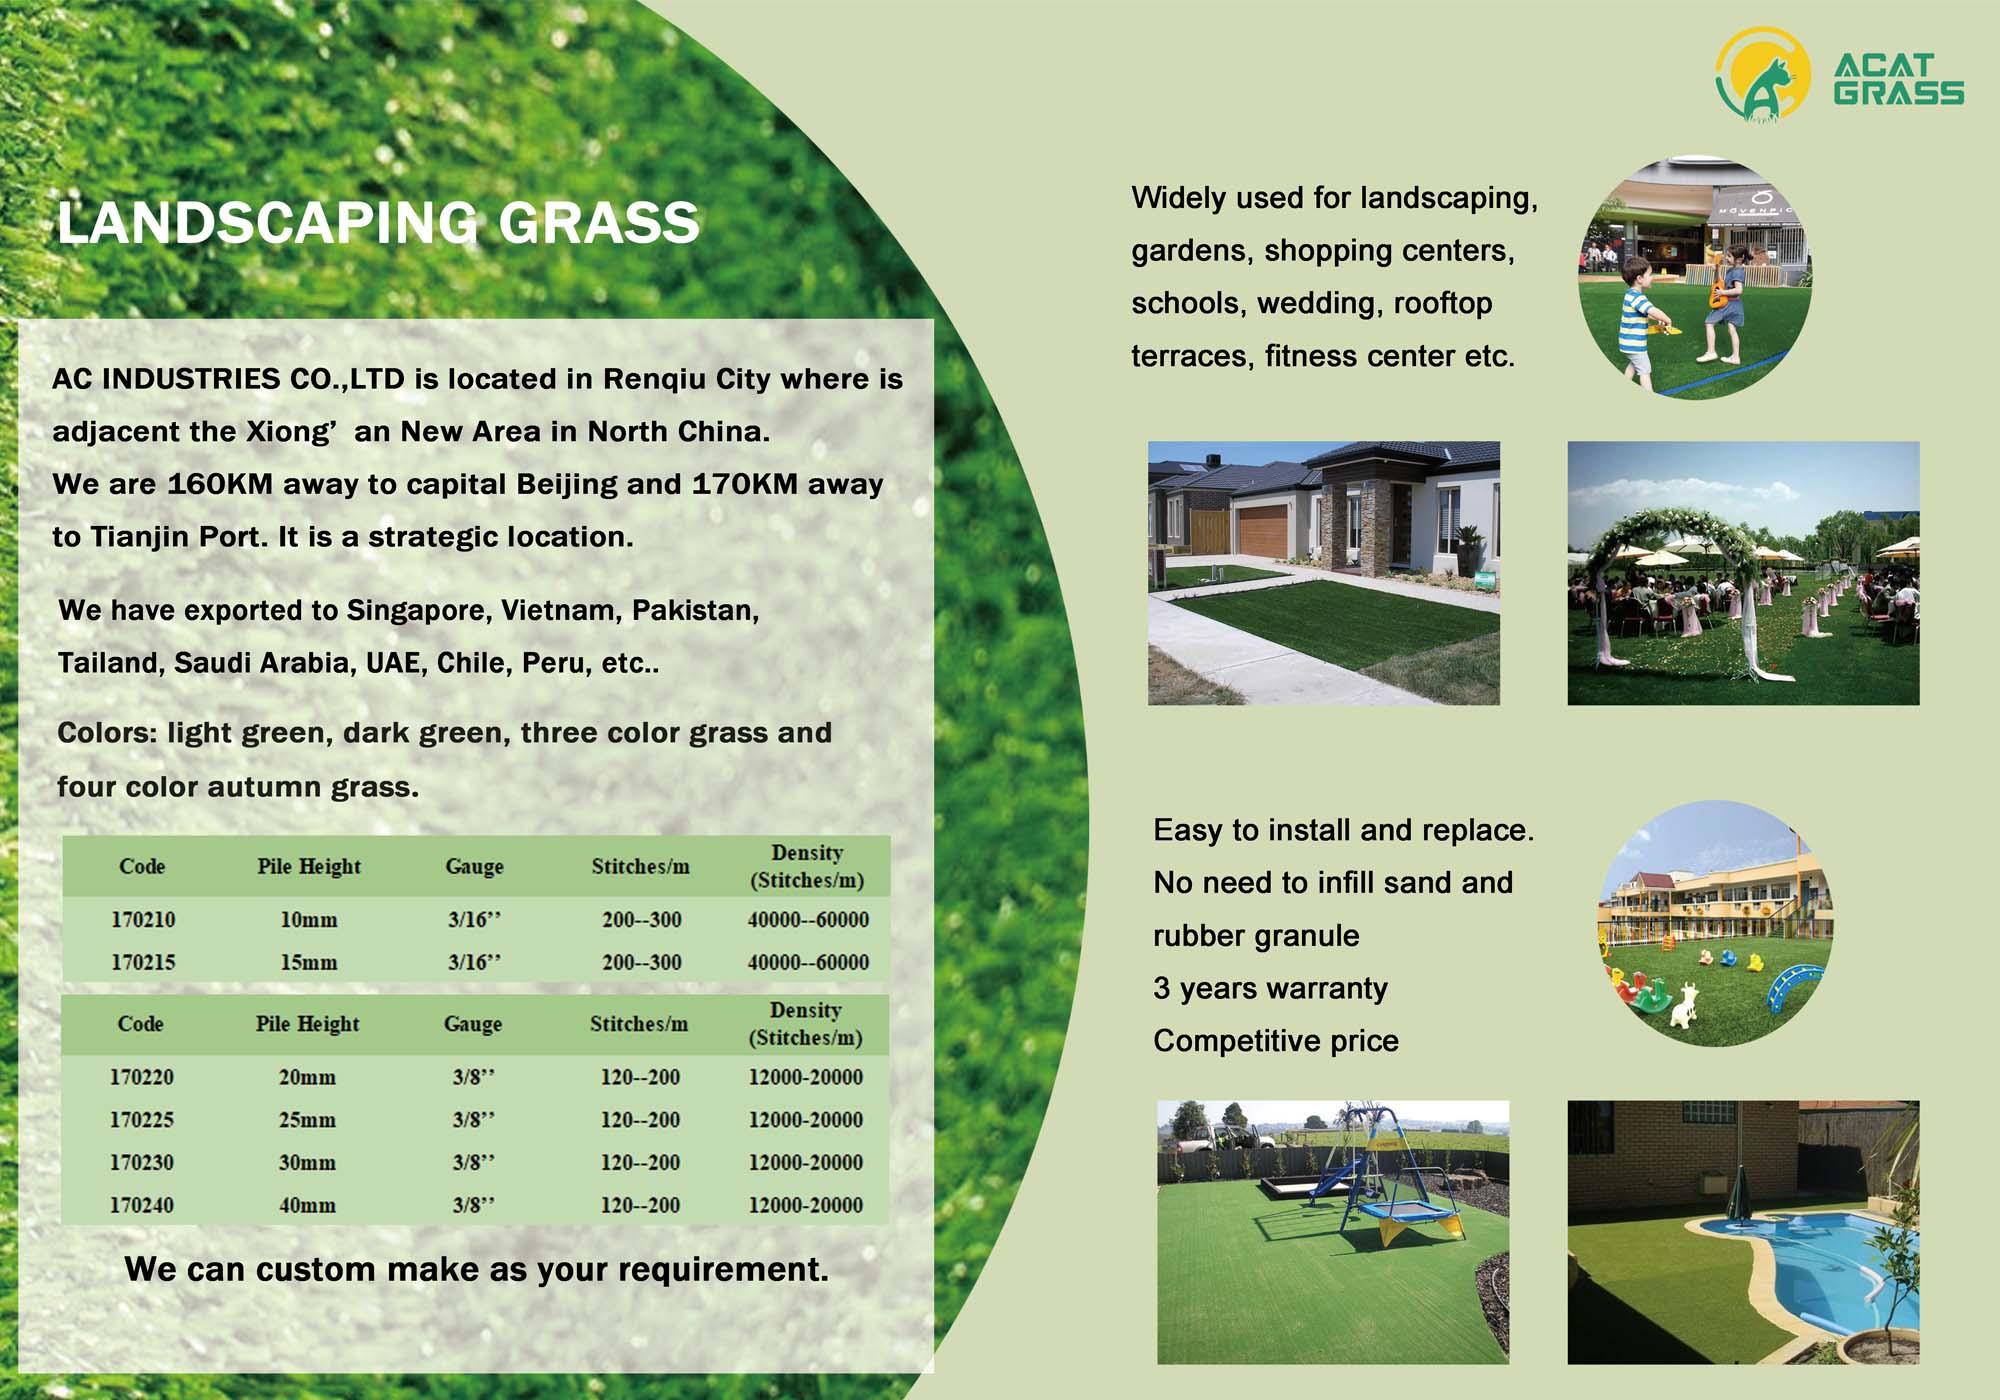 Best choose of artificial grass——ACAT grass